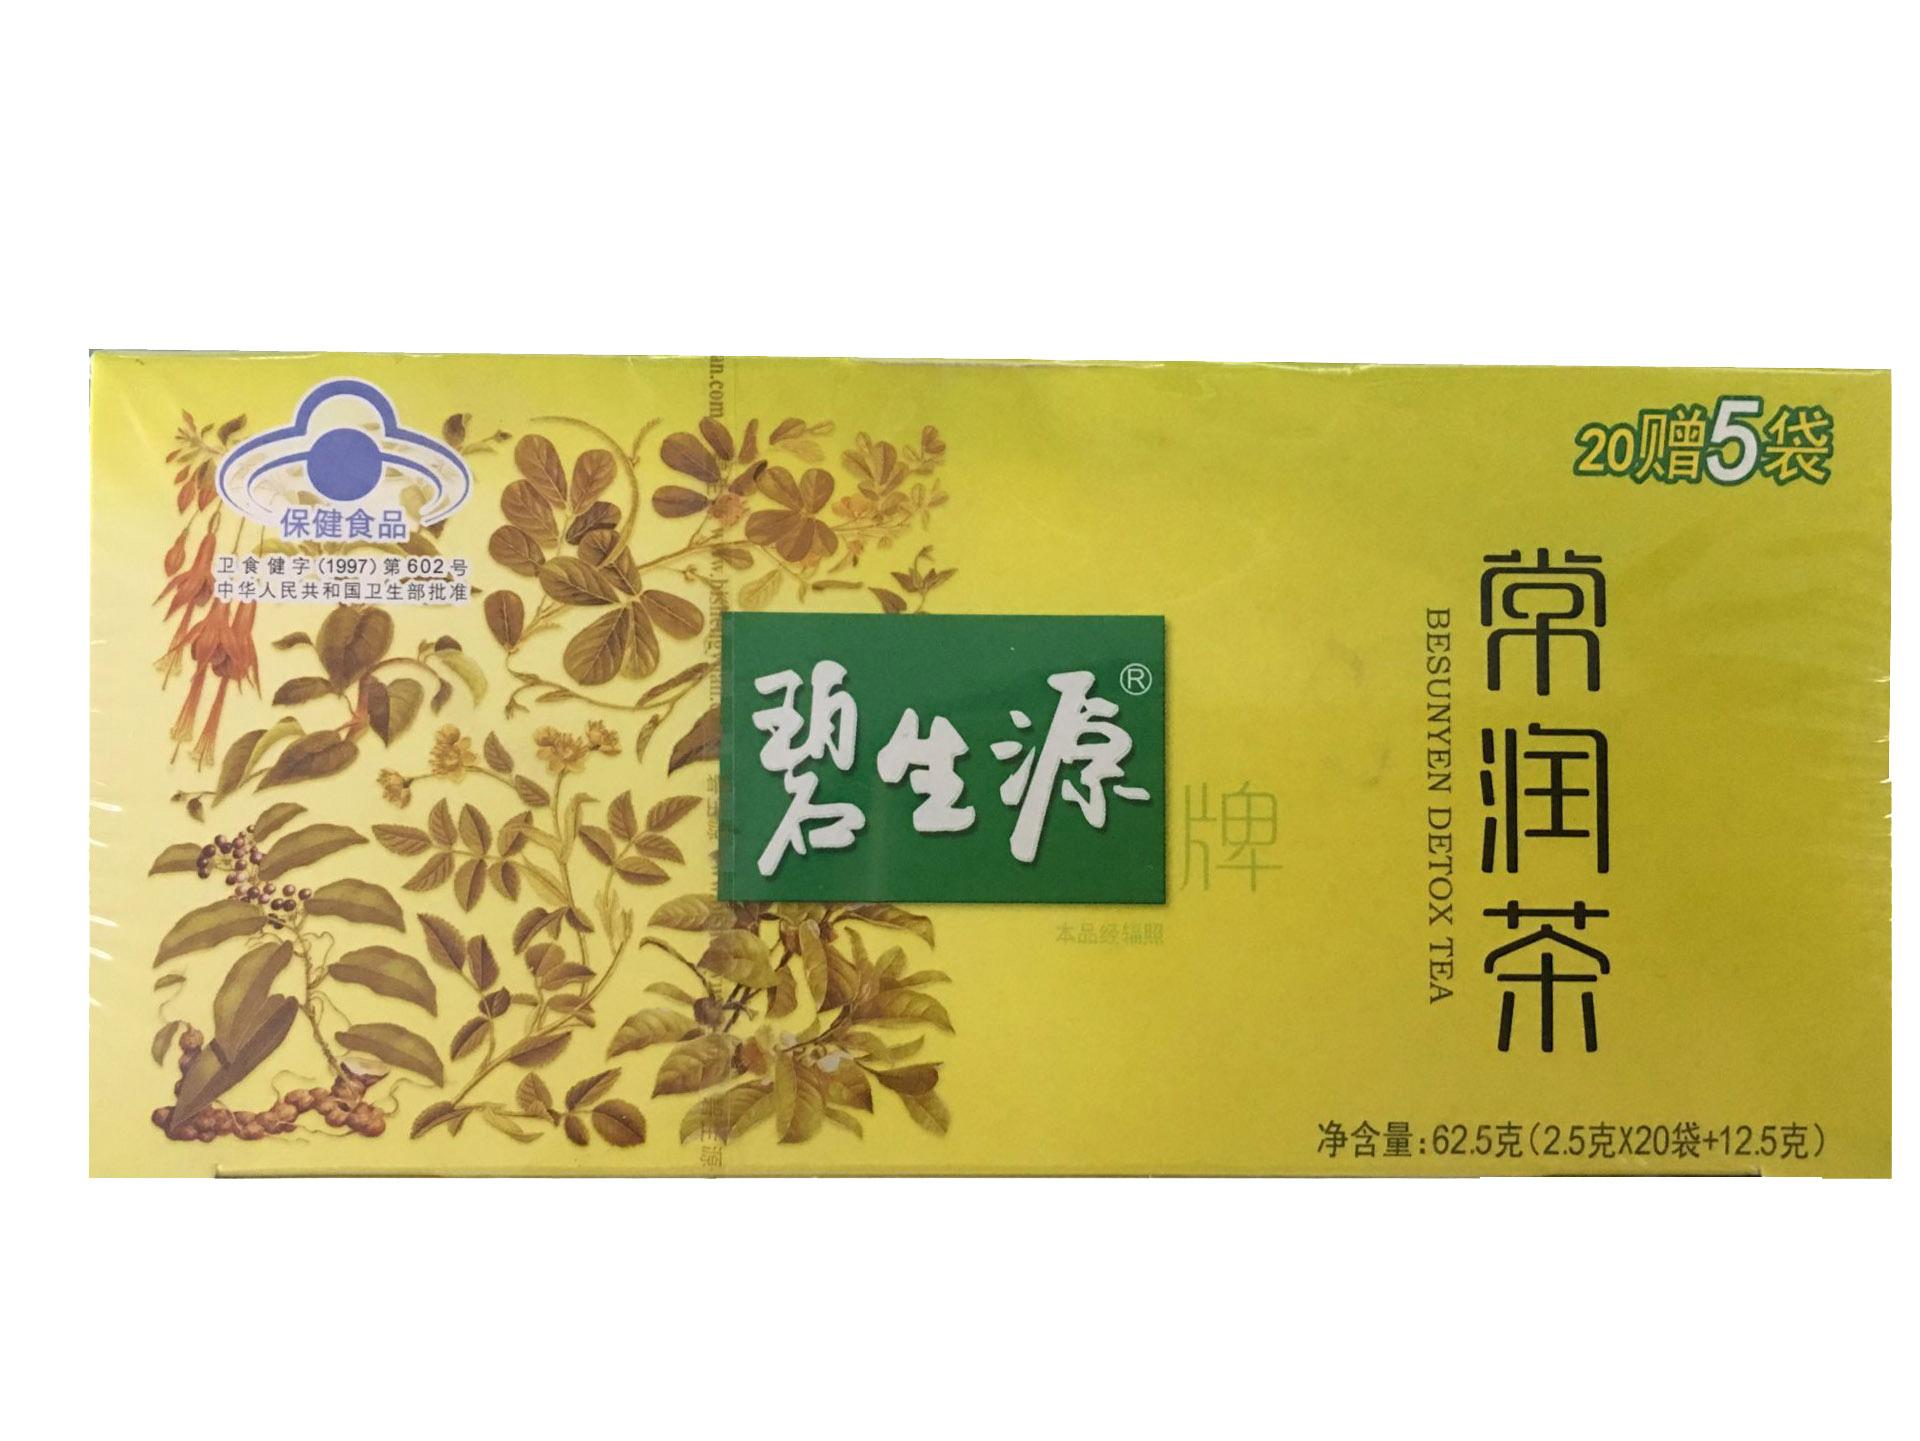 Синий сырье источник карты часто прибыль чай 2.5g/ мешок *25 мешок ясно кишечный строка яд поддержка цвет кишечный ясно чай прибыль кишечный через затем чай подлинный